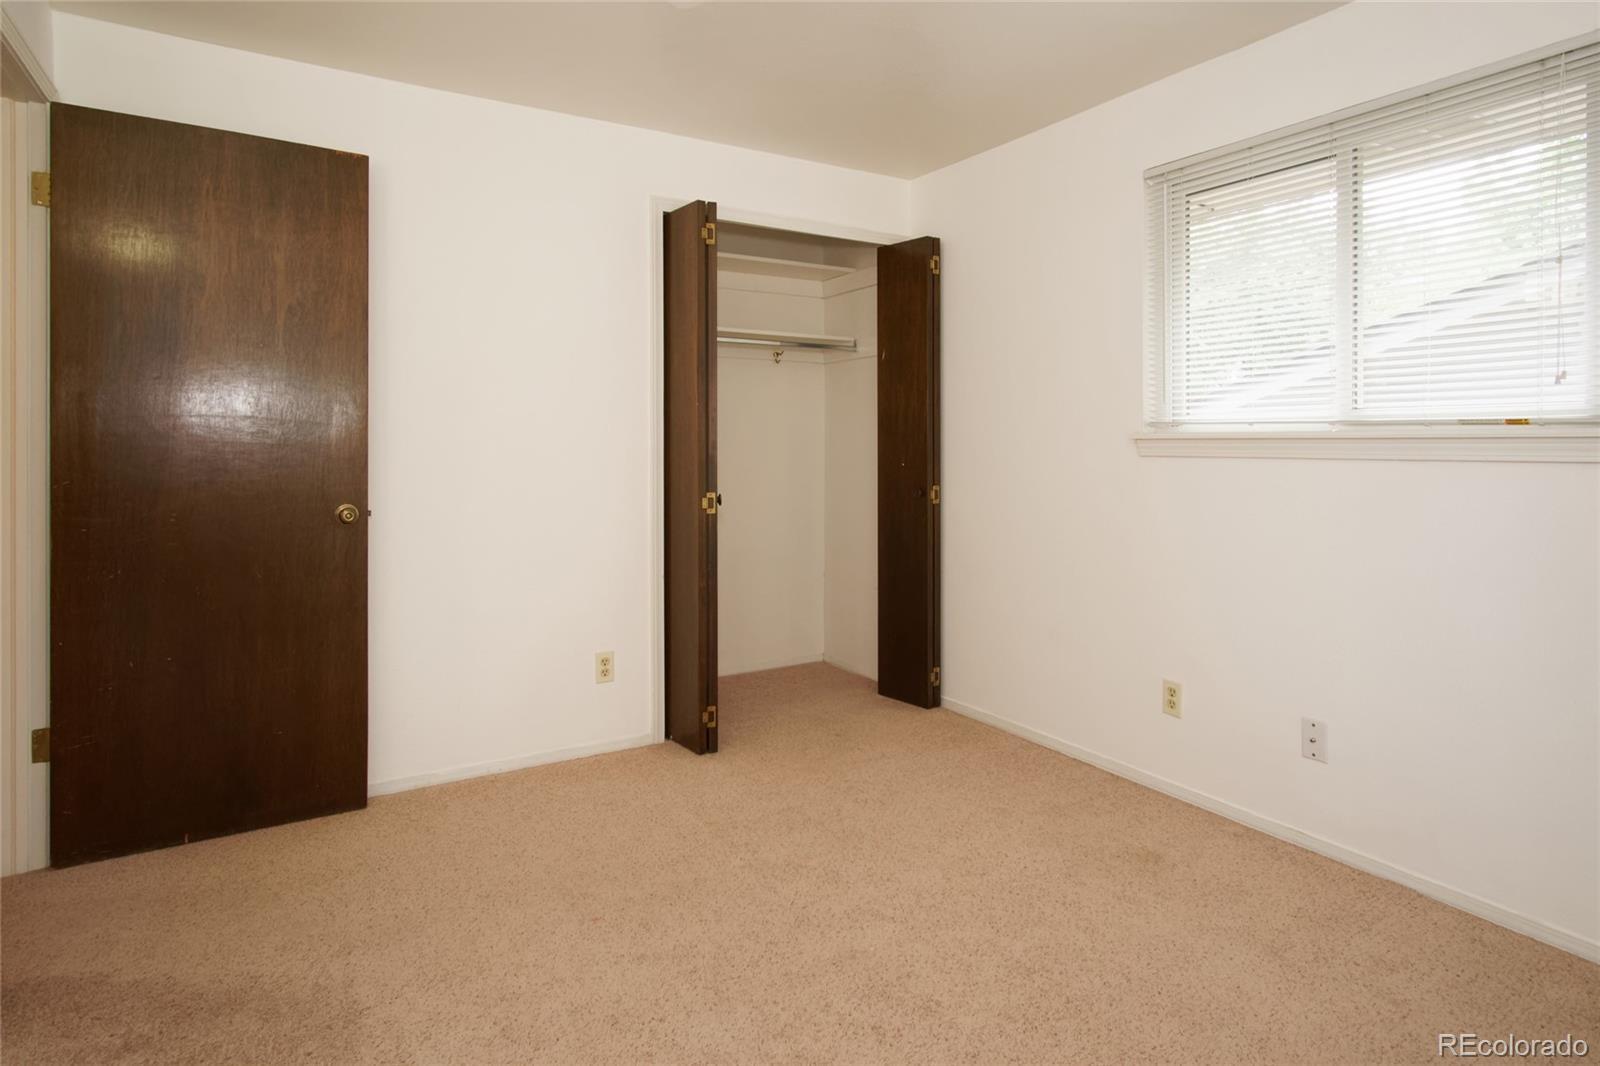 MLS# 5595766 - 15 - 2616 S Flower Street, Lakewood, CO 80227